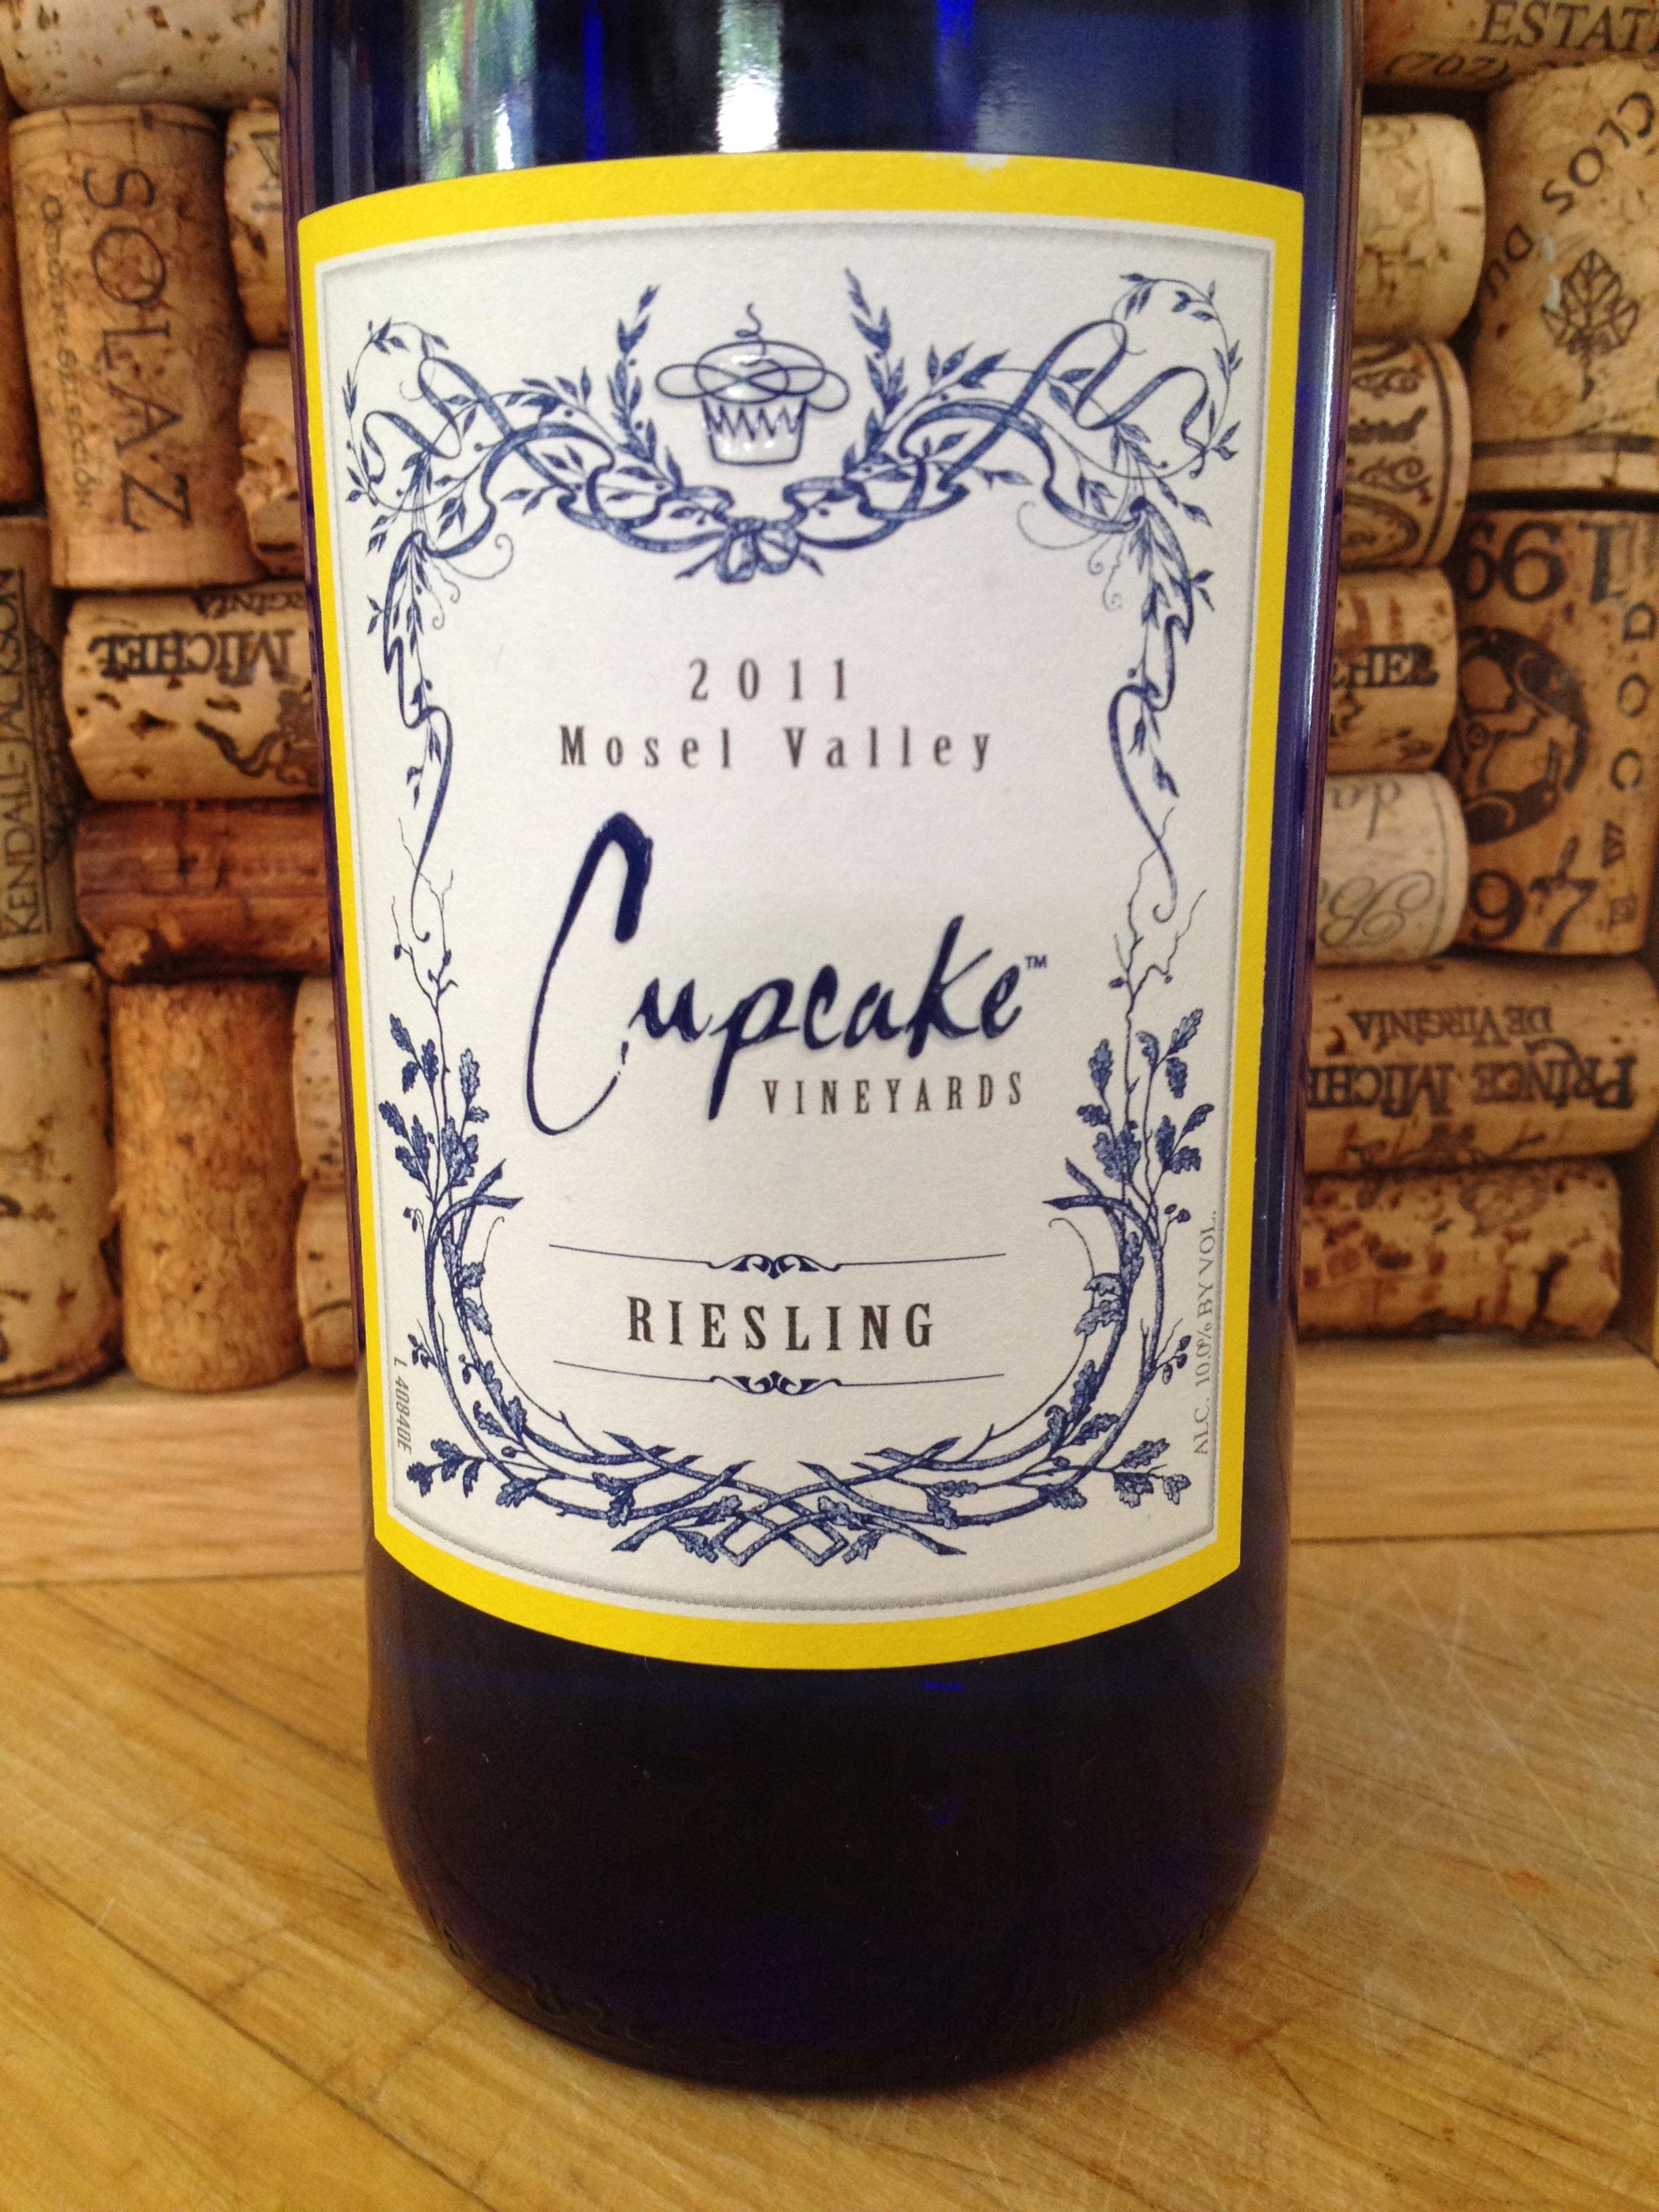 2011 Mosel Valley Riesling Cupcake Vineyards Wine Everyday